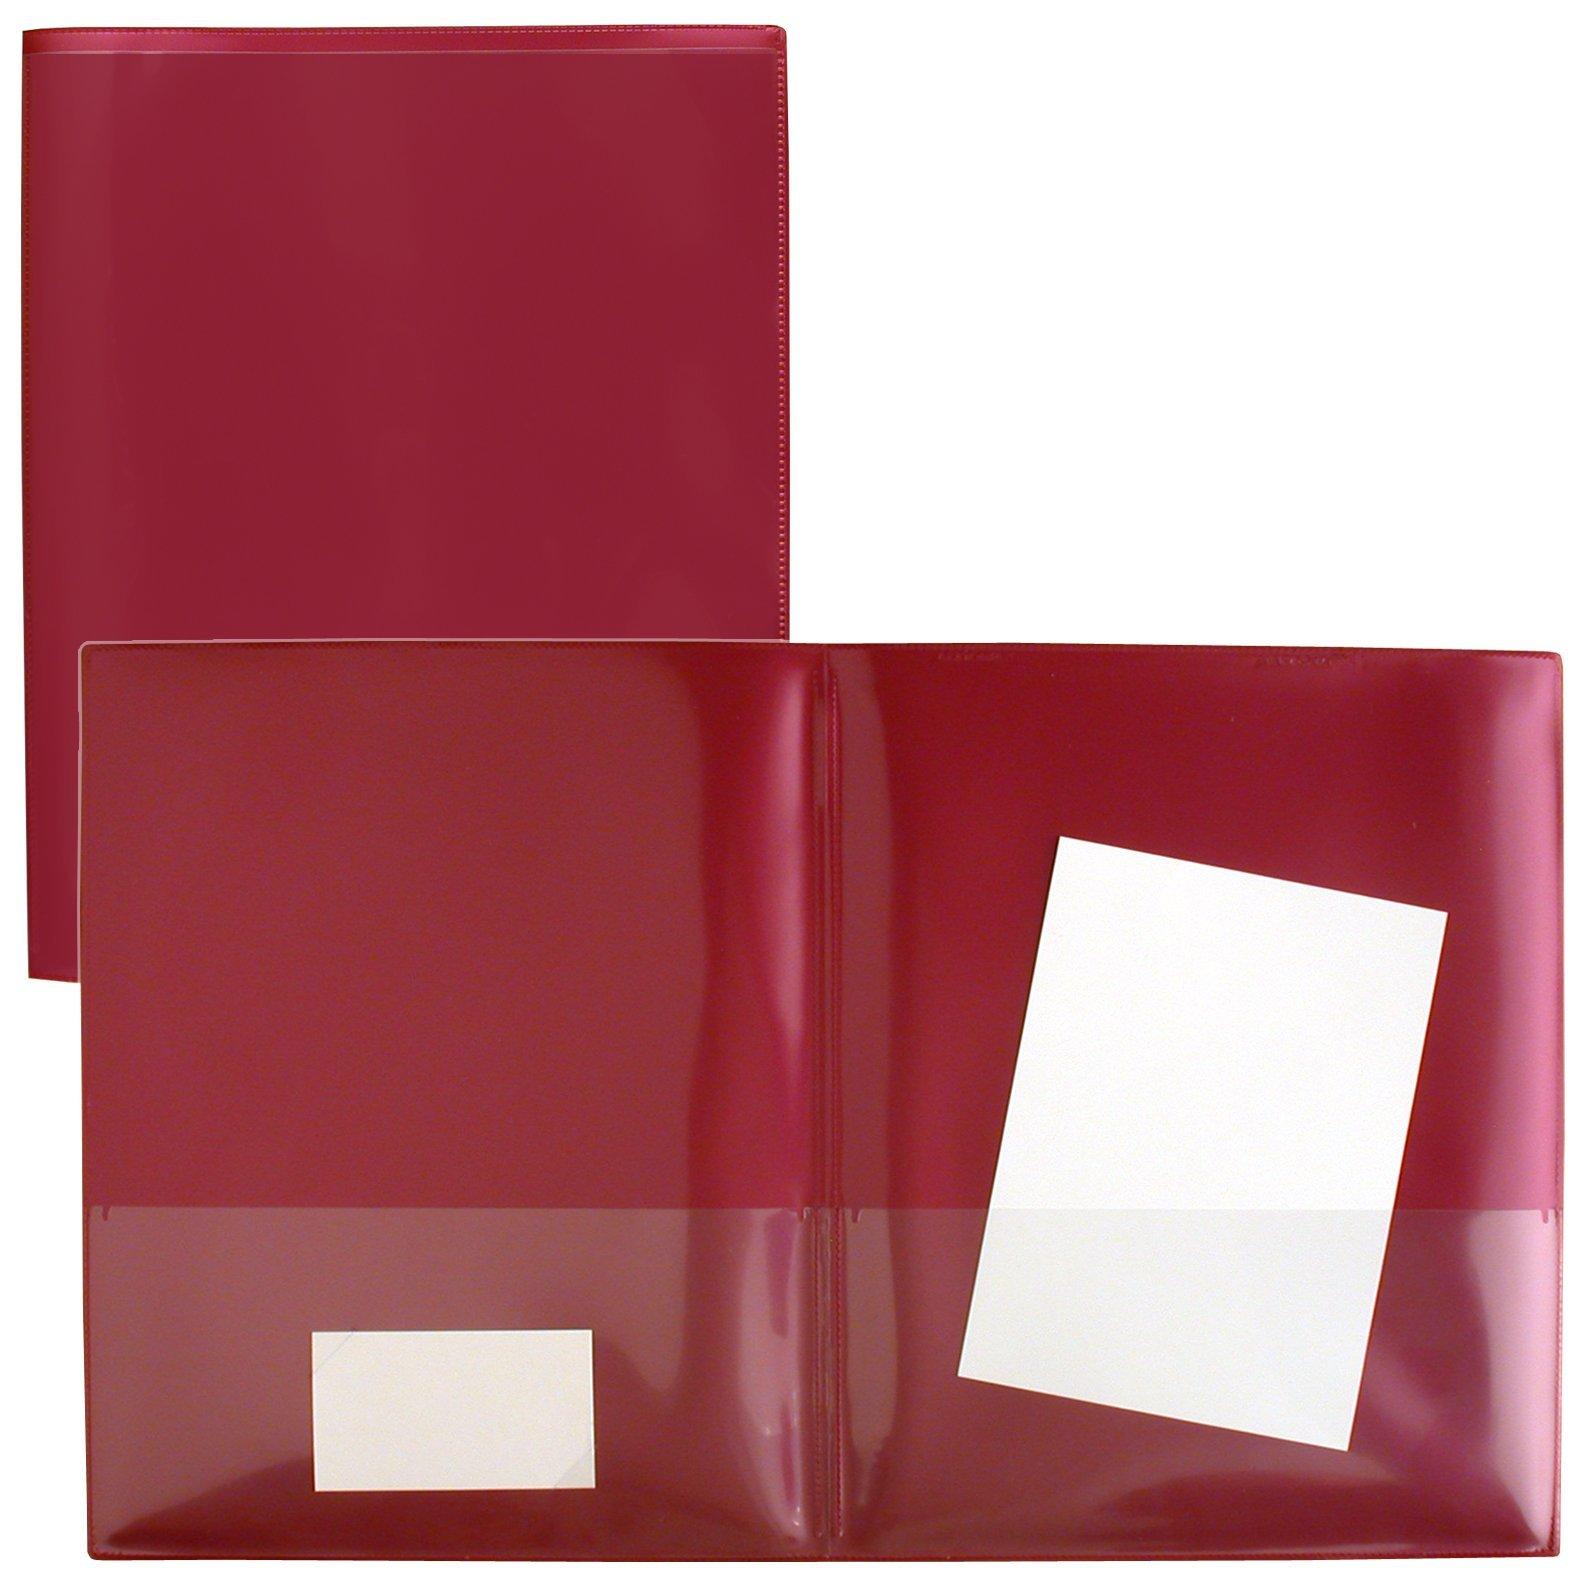 StoreSMART Metallic Maroon Plastic Archival Folders 100-pack - Letter-Size Twin Pocket - (R900MM100)